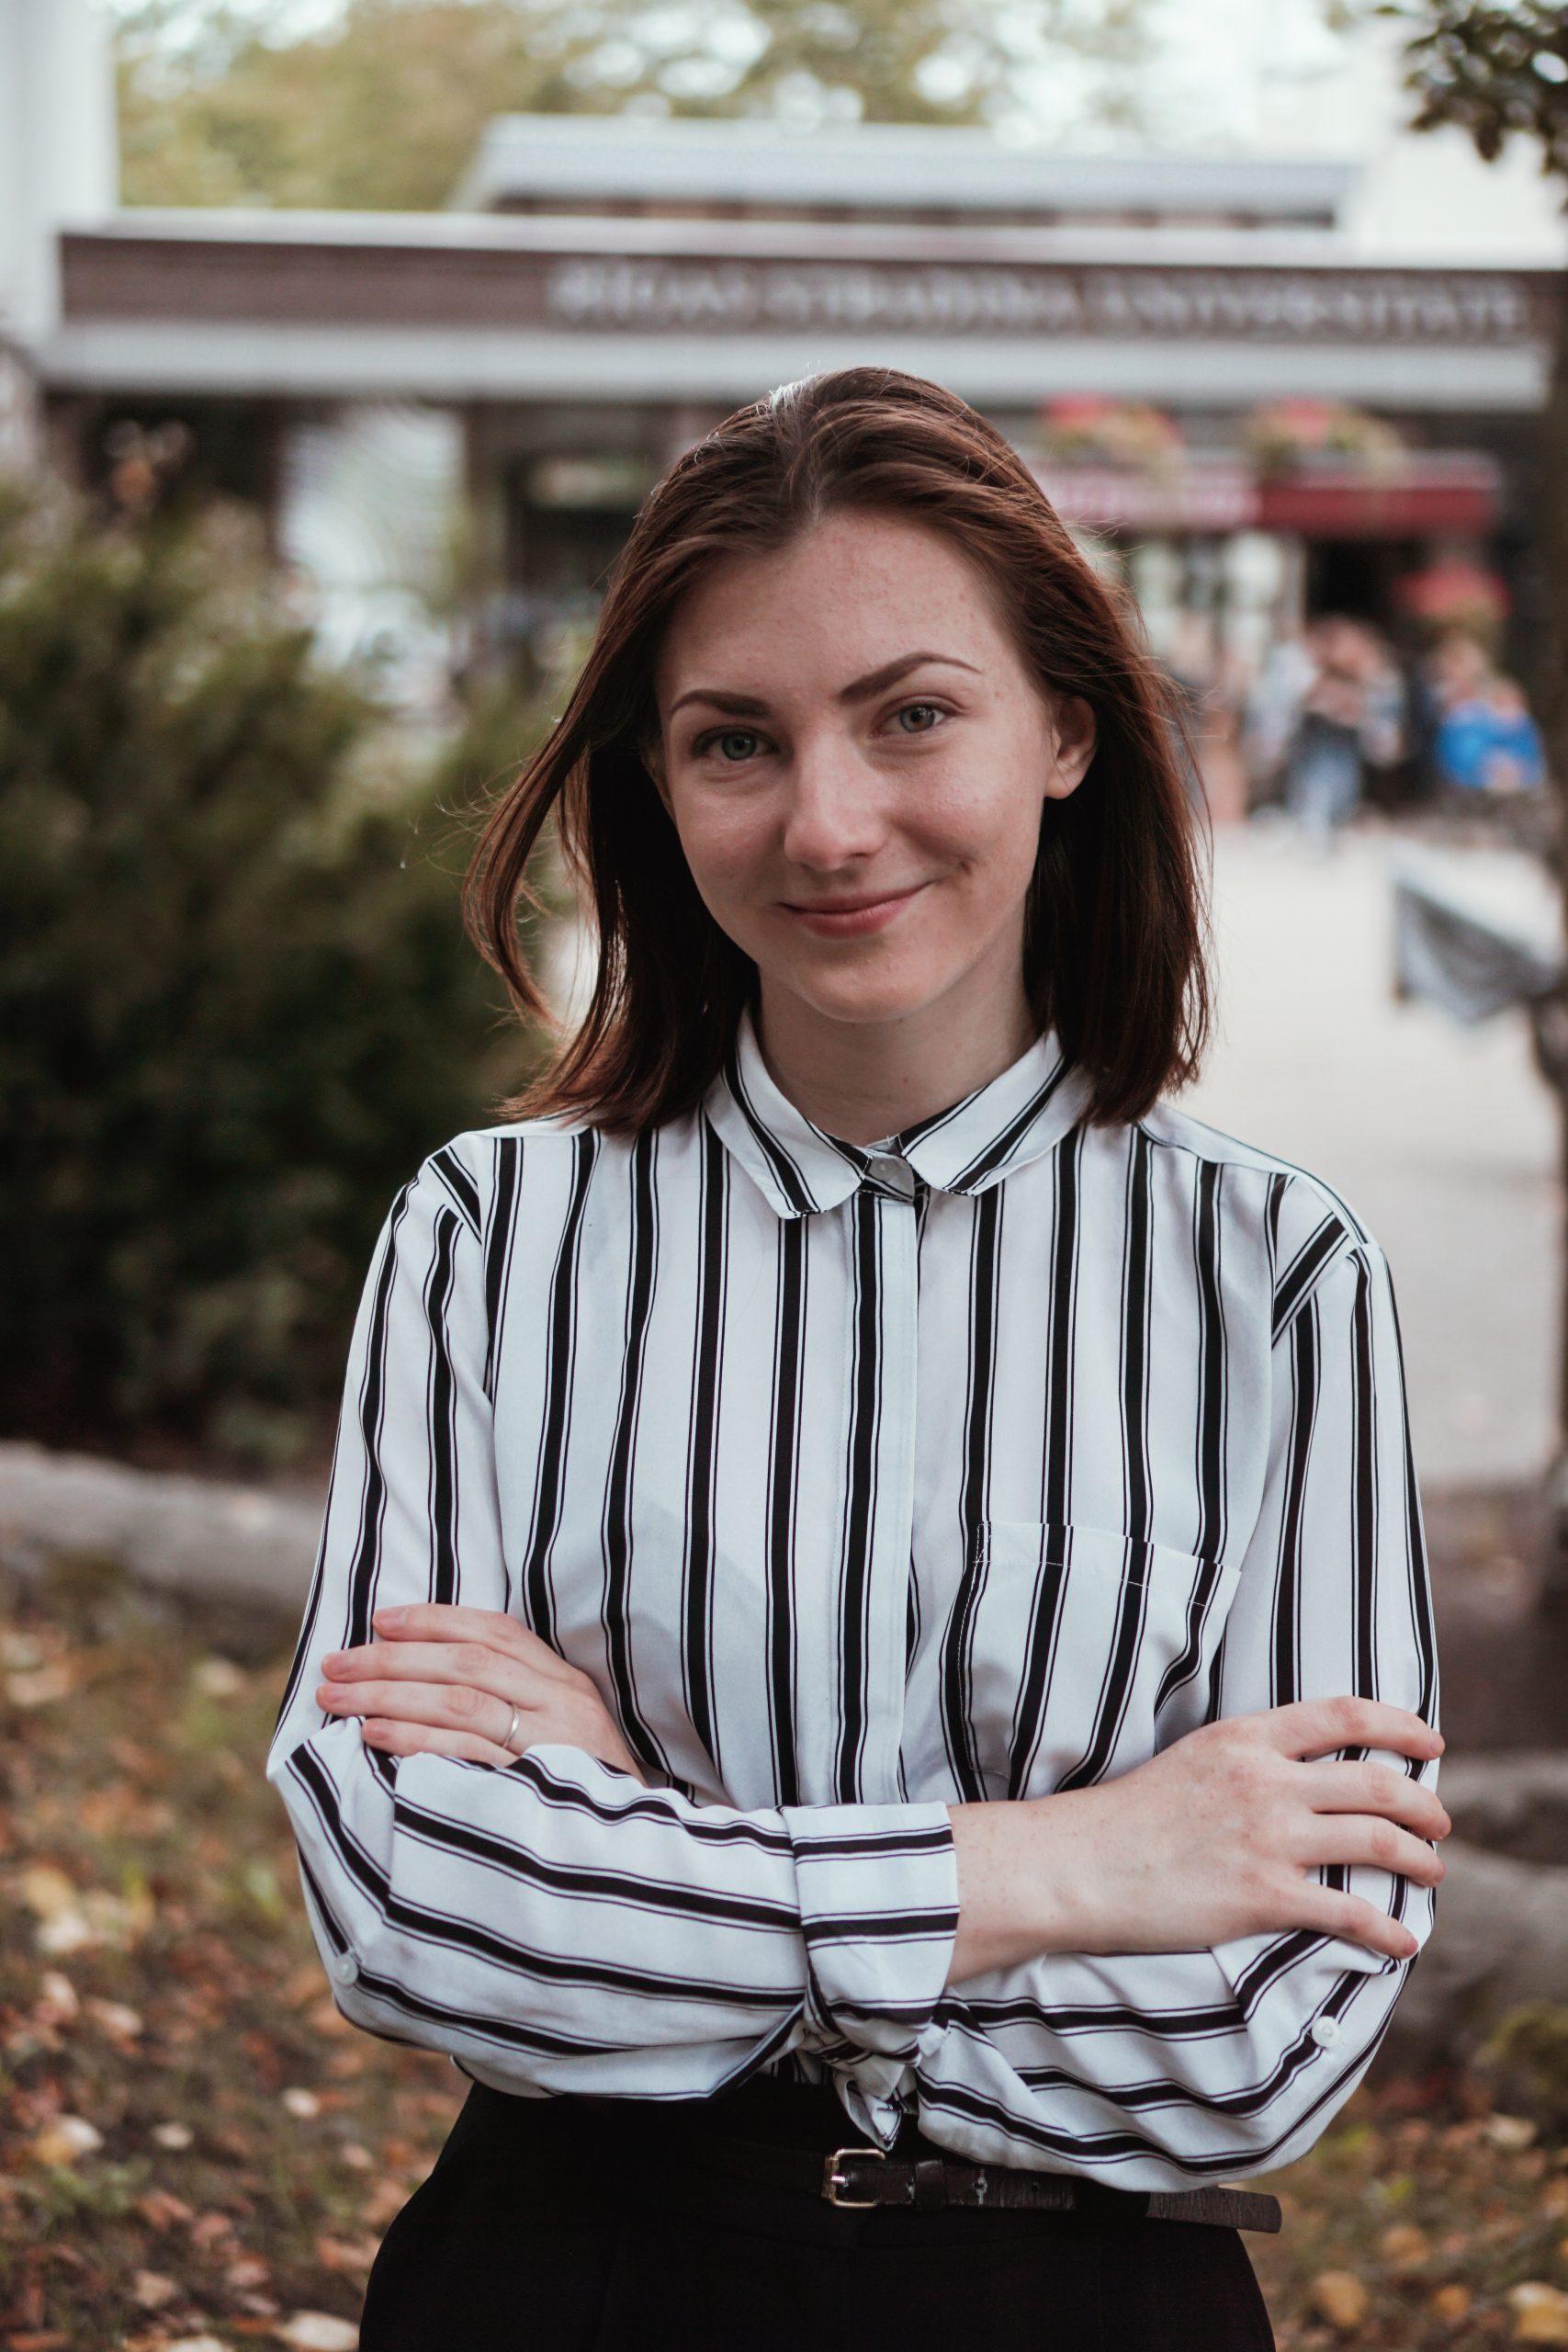 Anna Kricka